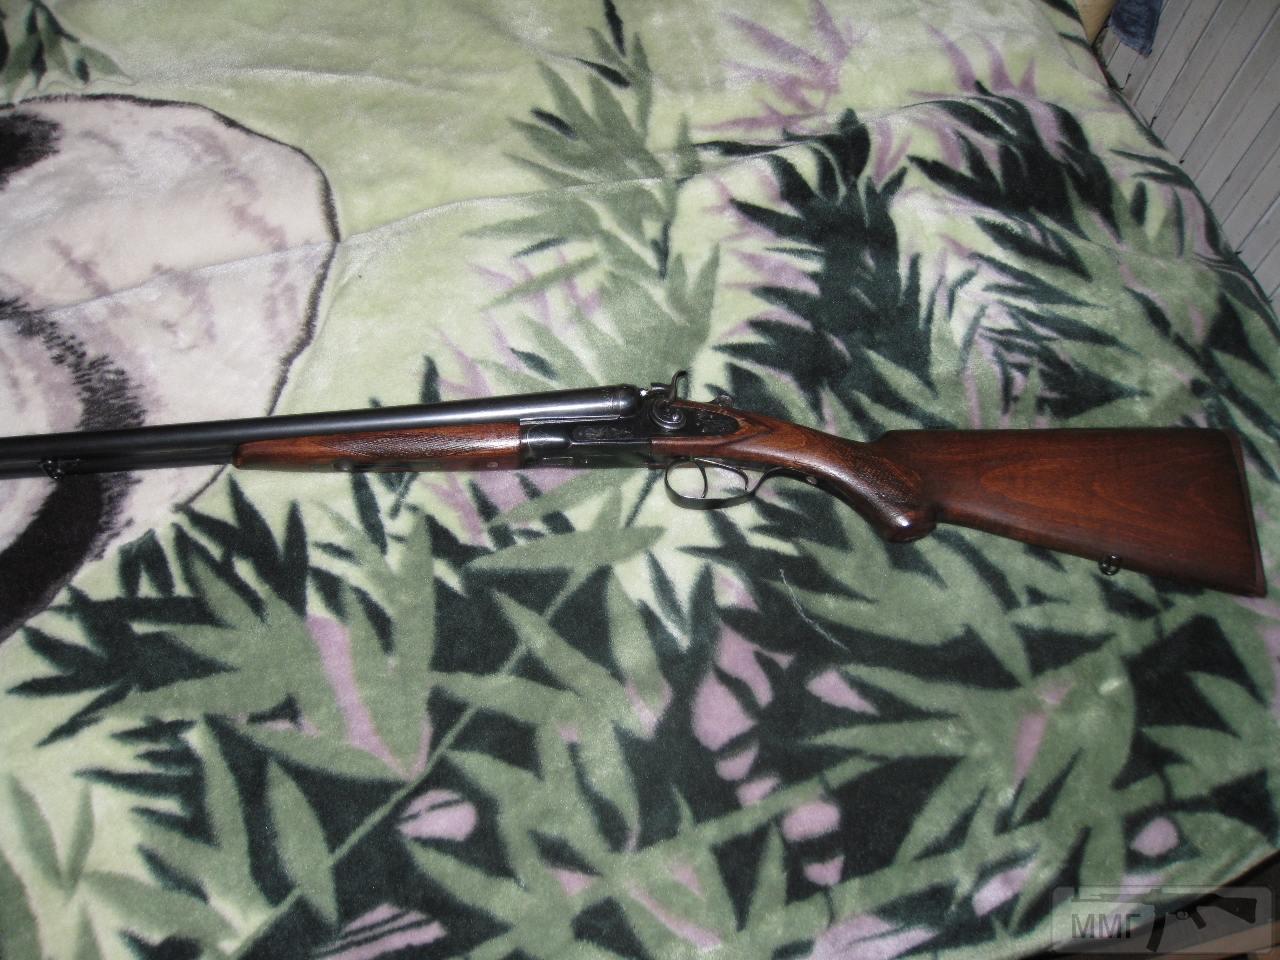 18400 - Охотничье ружьё  ТОЗ-63.